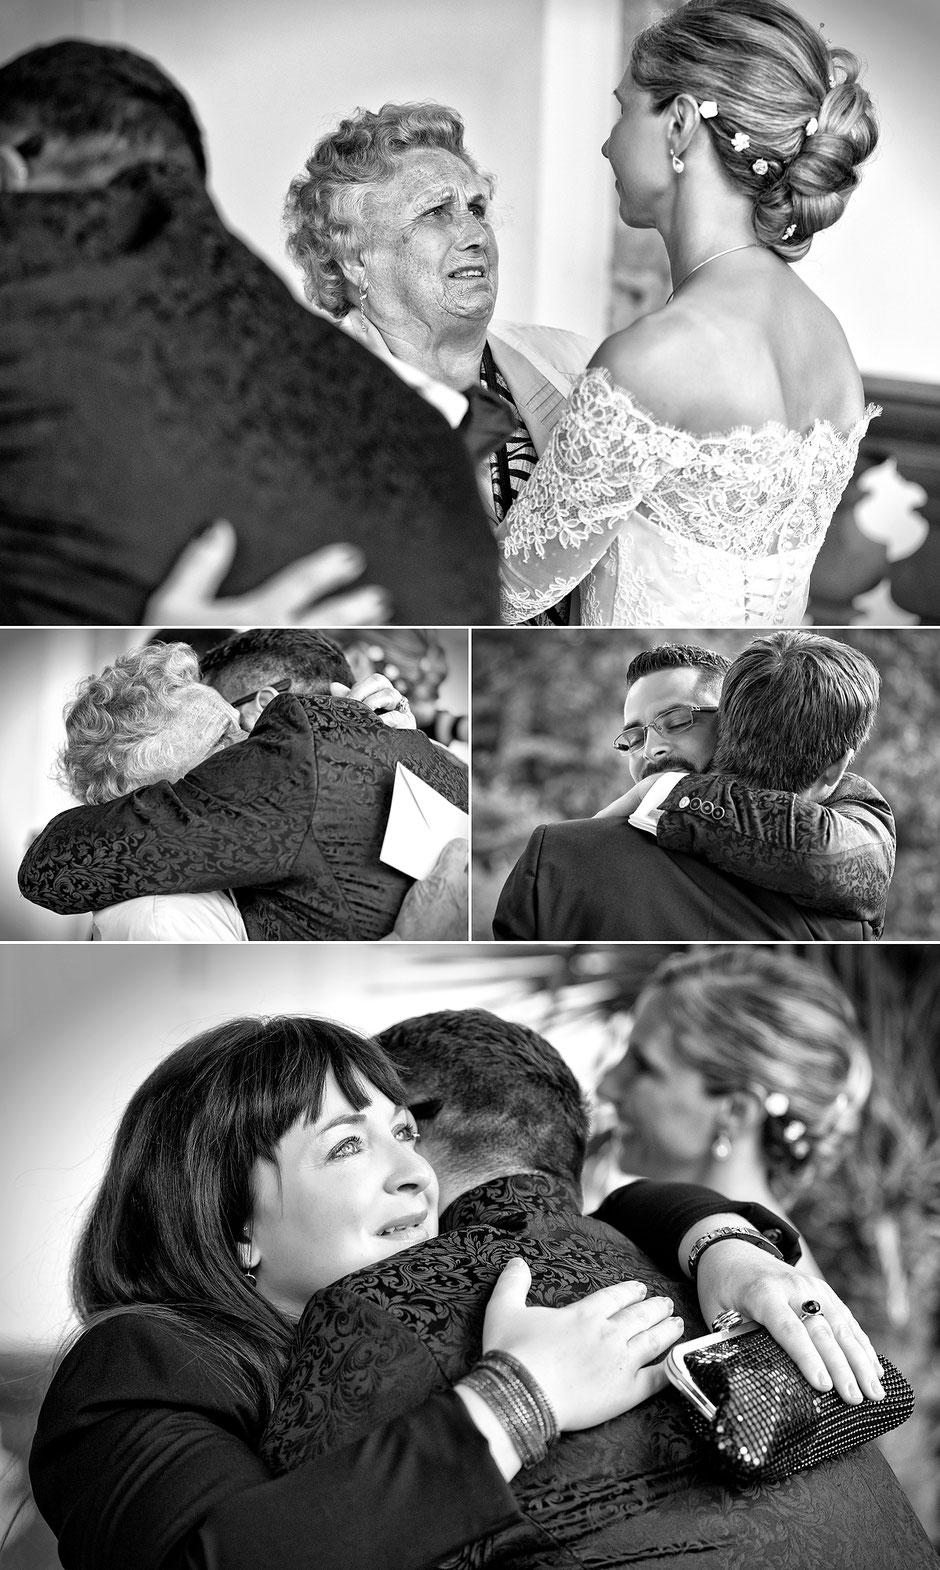 glückwünsche, gratulation Hochzeit, Emotionen, hochzeitsfotograf chemnitz